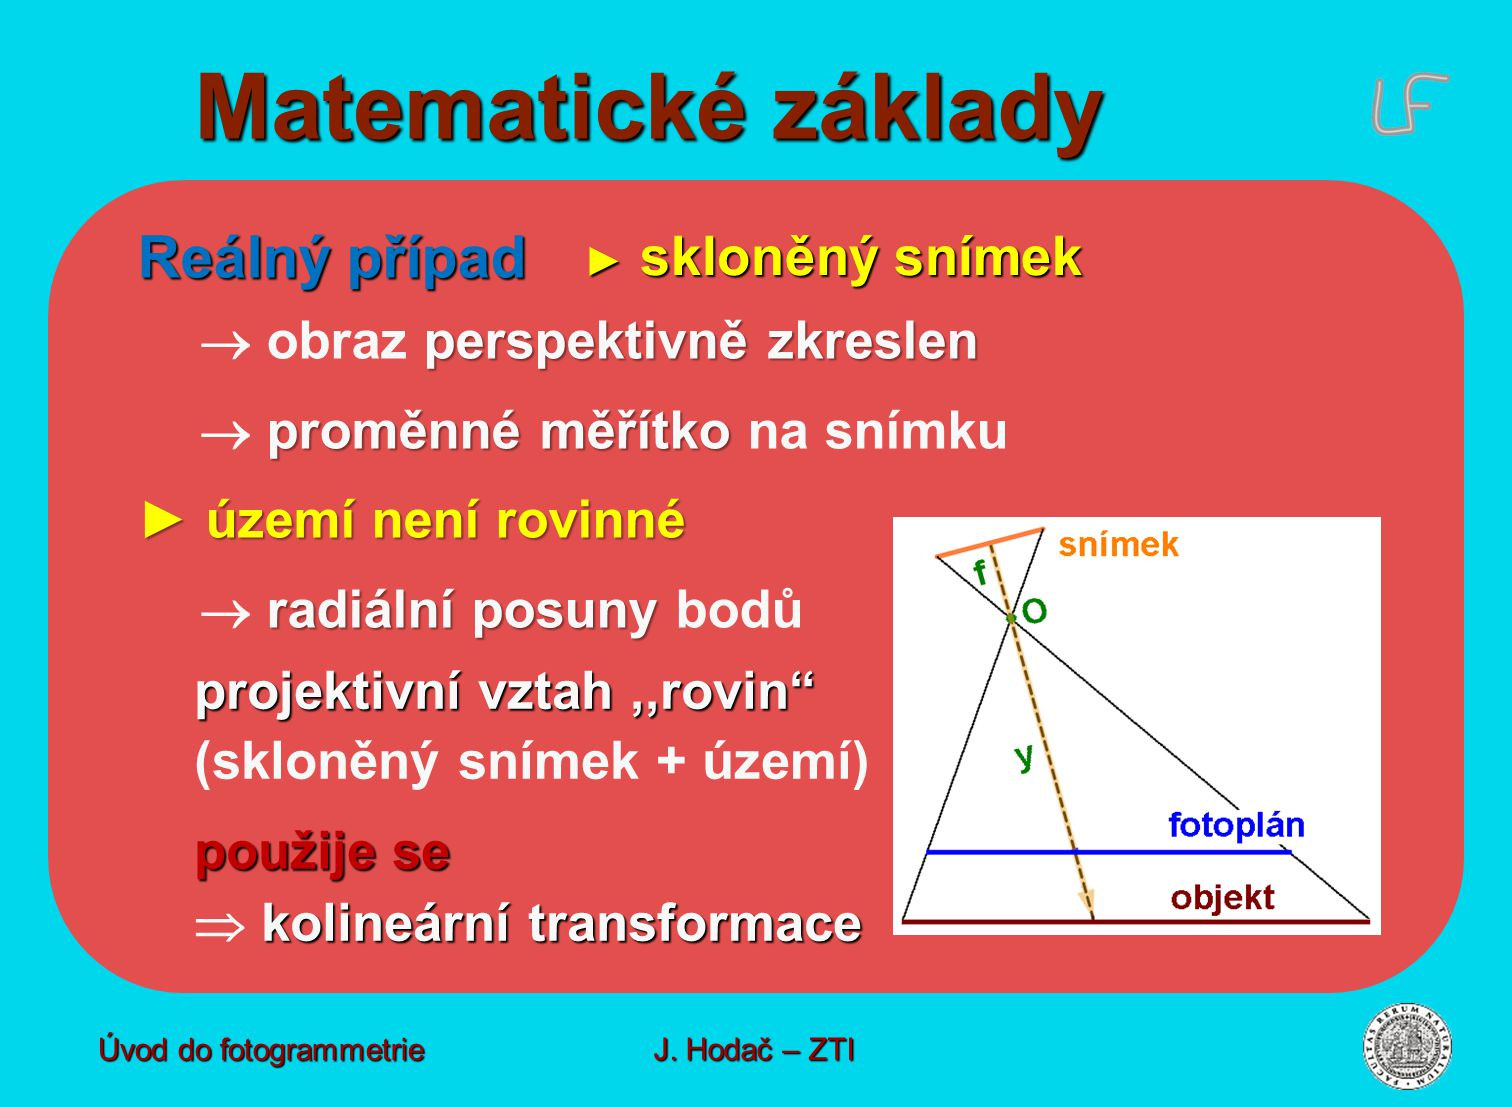 Matematické základy Reálný případ  obraz perspektivně zkreslen